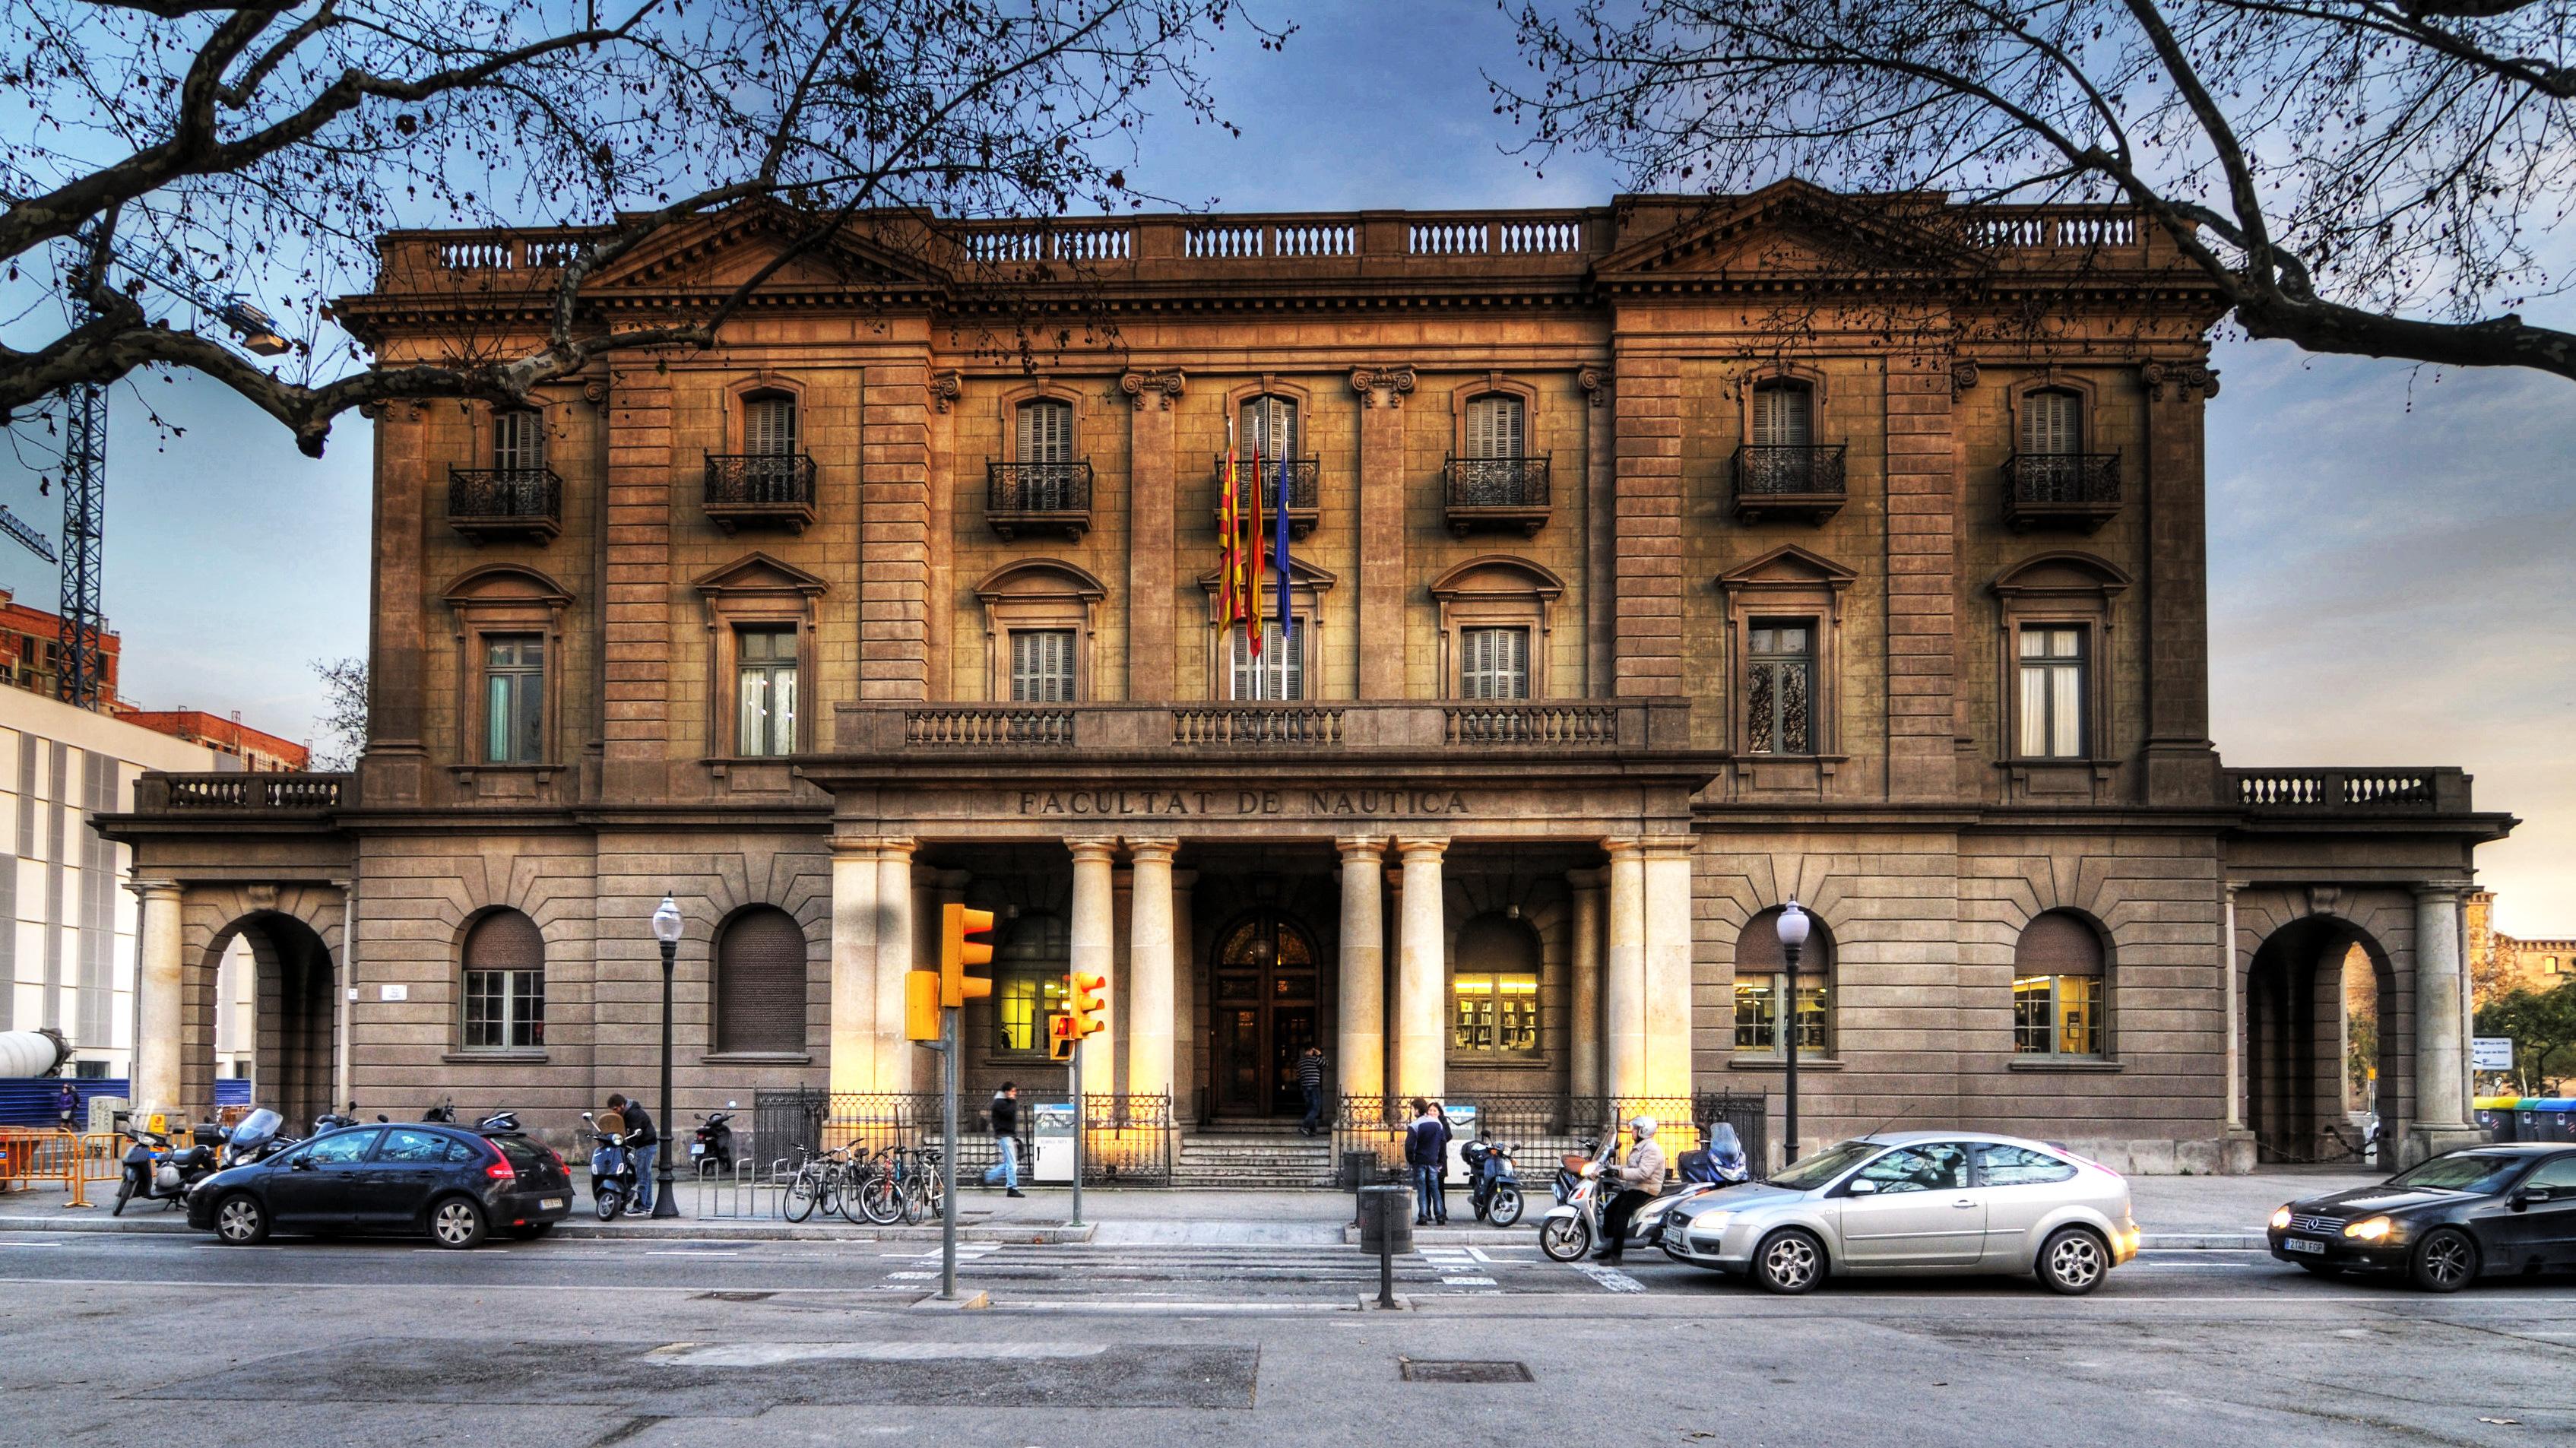 La Facultad de Náutica de Barcelona celebra 250 años de historia formando  profesionales del mar - UPC Universitat Politècnica de Catalunya